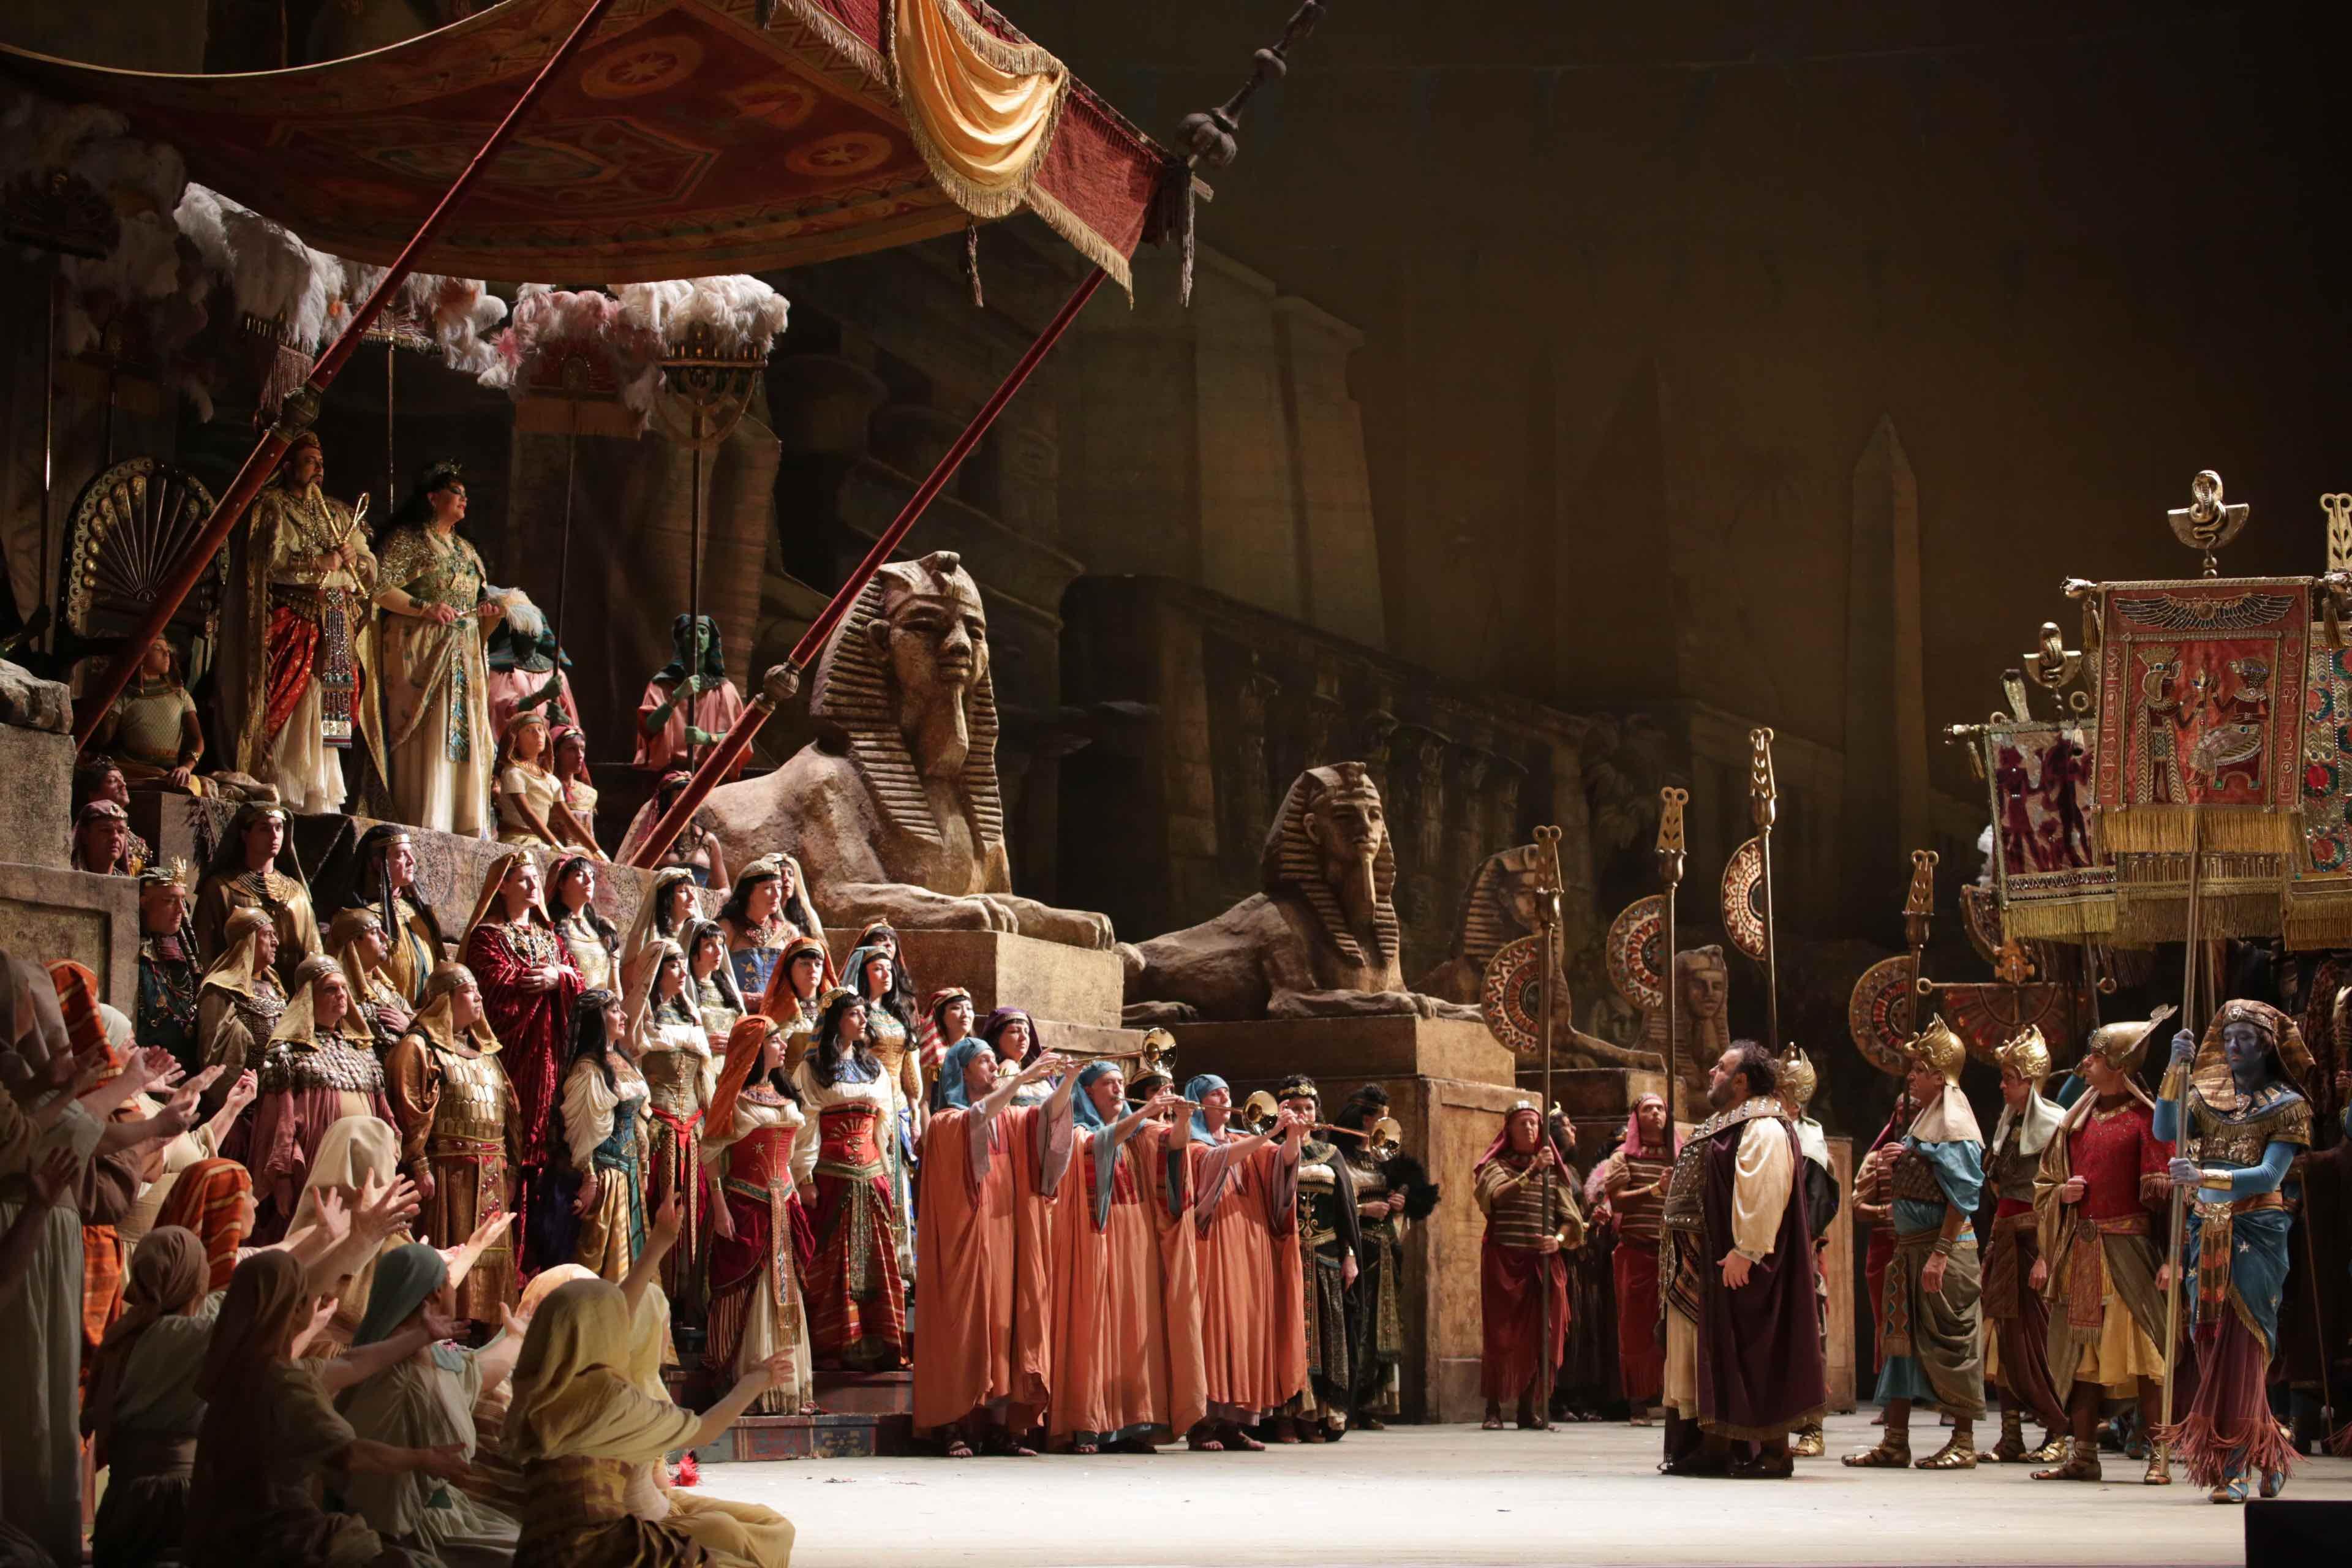 Teatro alla Scala, Milano, Aida, Zeffirelli, Giuseppe Verdi, Lila de Nobili, Daniel Oren, Krassimira Stoyanova, Fabio Sartori, Storica Aida